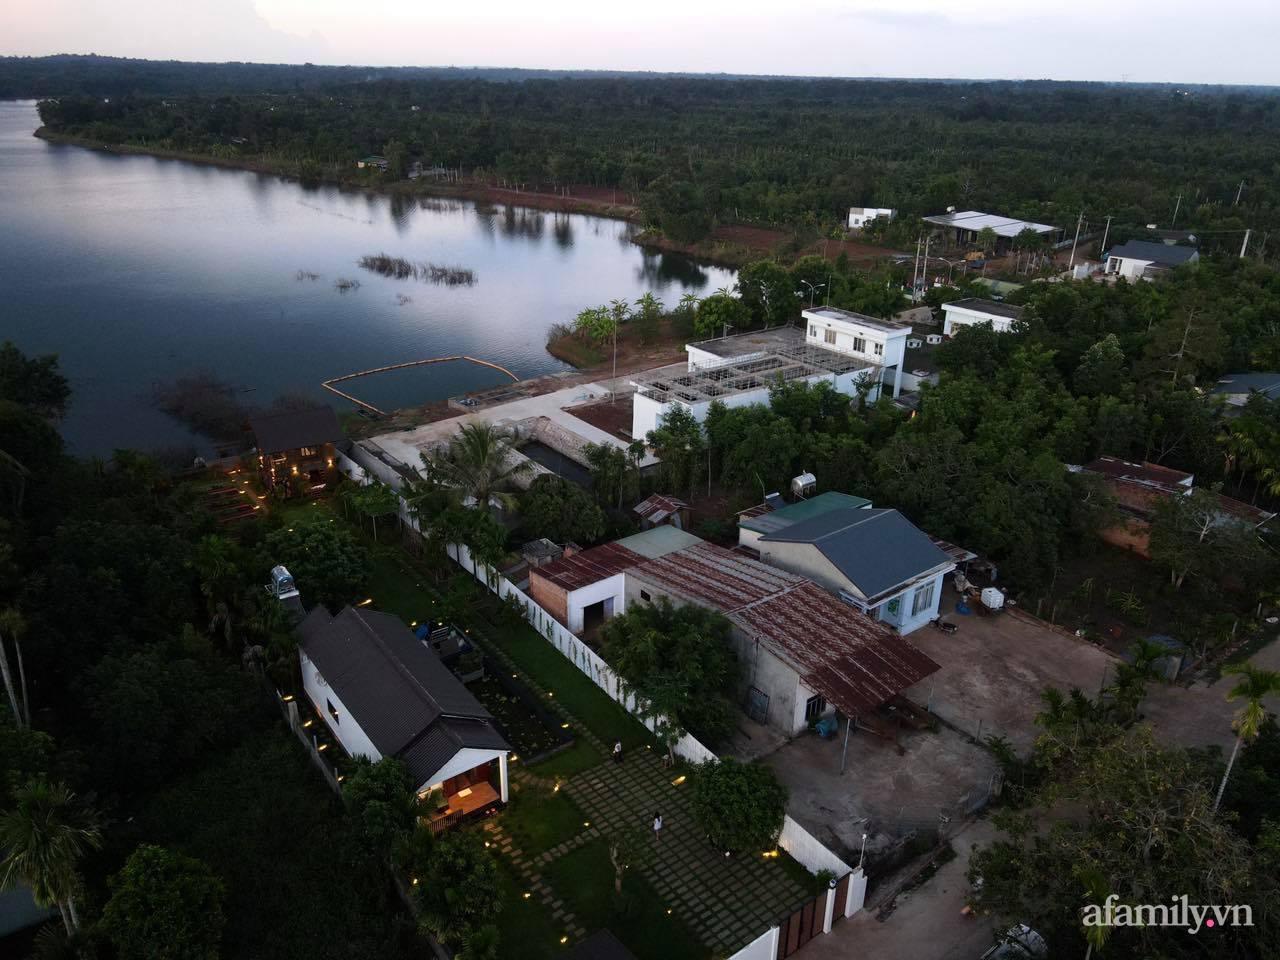 Căn nhà gỗ bình yên hướng tầm nhìn ra hồ nước trong veo, thơ mộng ở Buôn Mê Thuột - Ảnh 2.